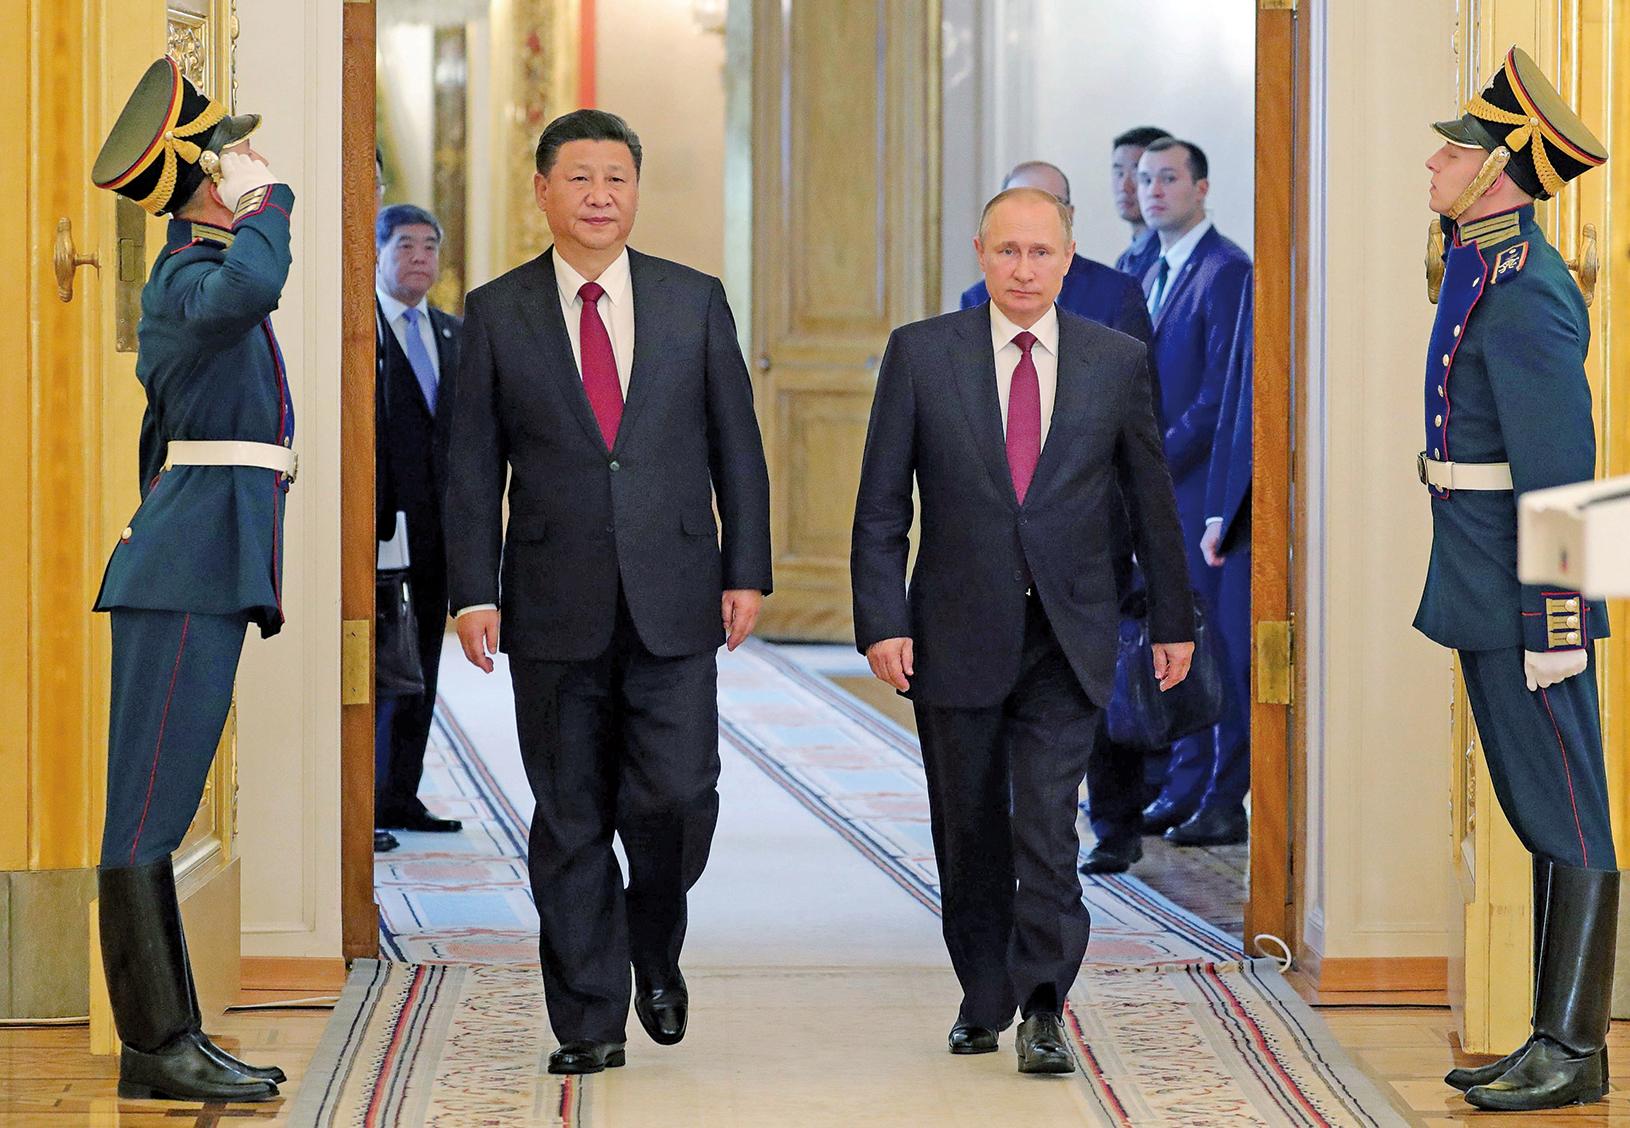 北韓核試不斷挑釁國際,主因是中共長期庇護北韓;且北韓成為中、俄輪番向美國叫板的牌,致問題難解。(Getty Images)